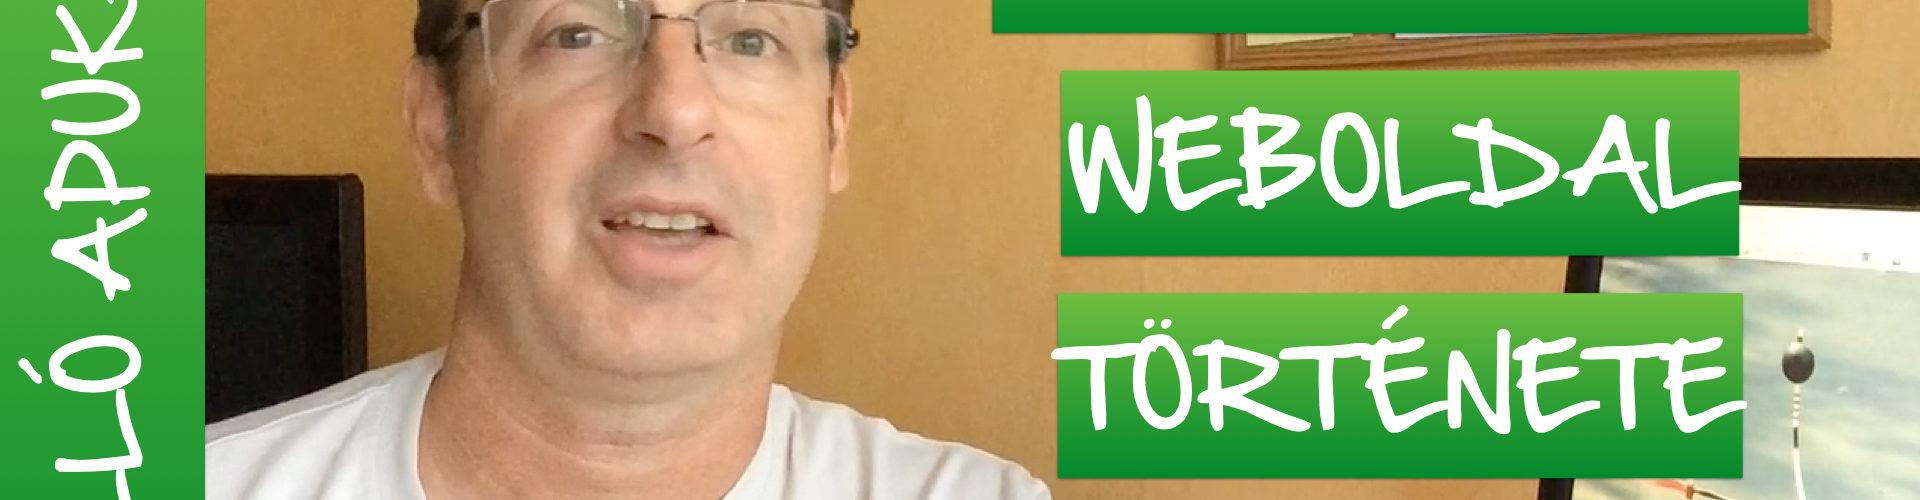 Hello apukám! - Hogyan jött létre a Családapa weboldal?